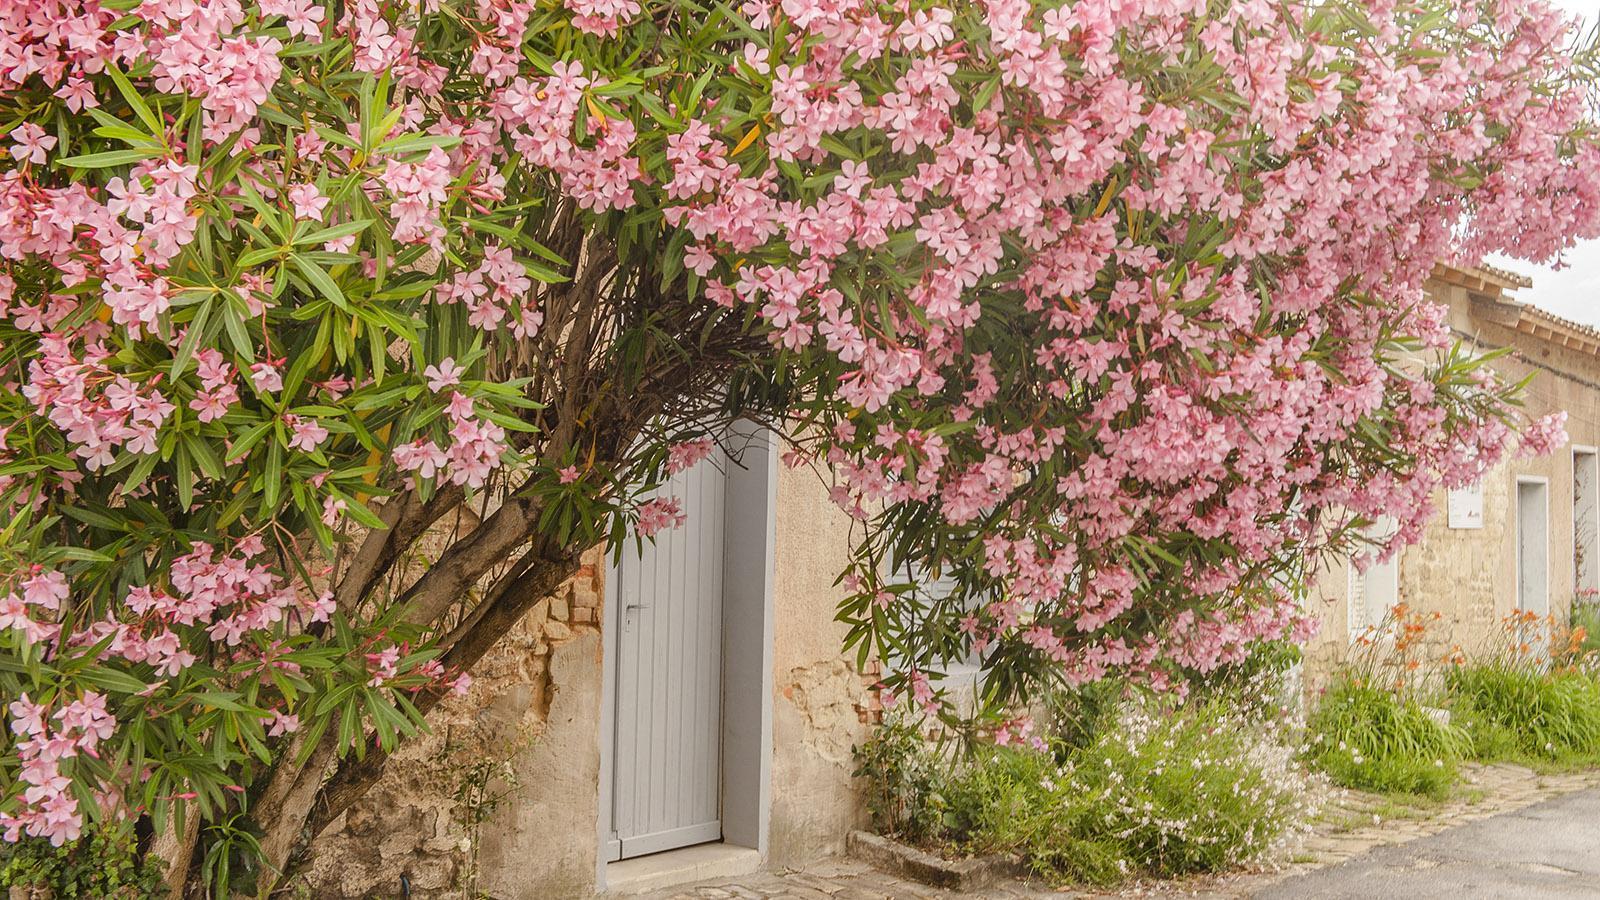 Der Oleander blüht auch in der Zitdalle von Blaye. Foto: Hilke Maunder